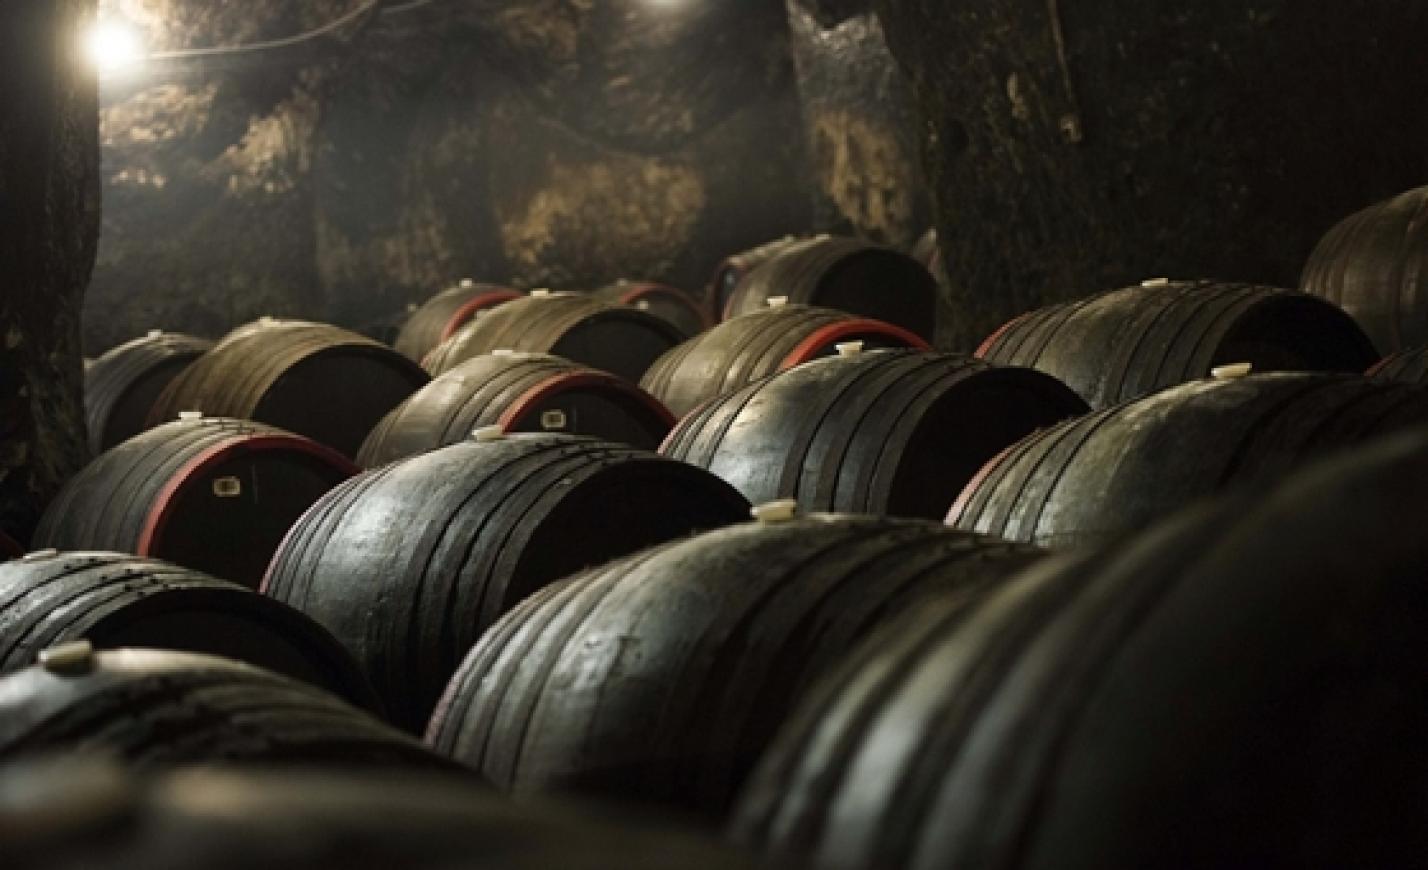 Bezáratott a Nébih két tokaj-hegyaljai borászatot